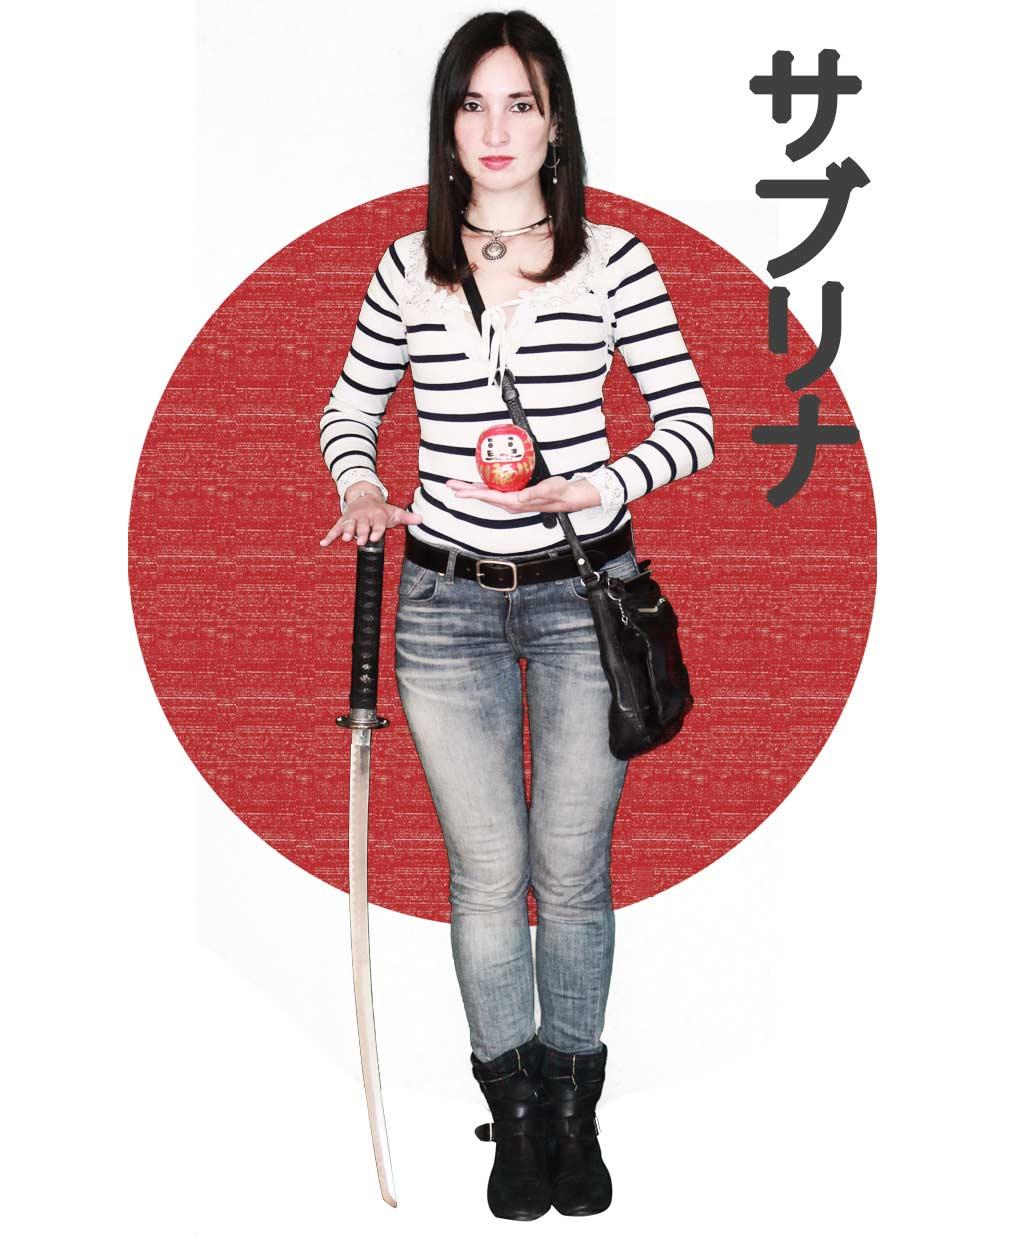 voyage japon a propos france japon petite francaise